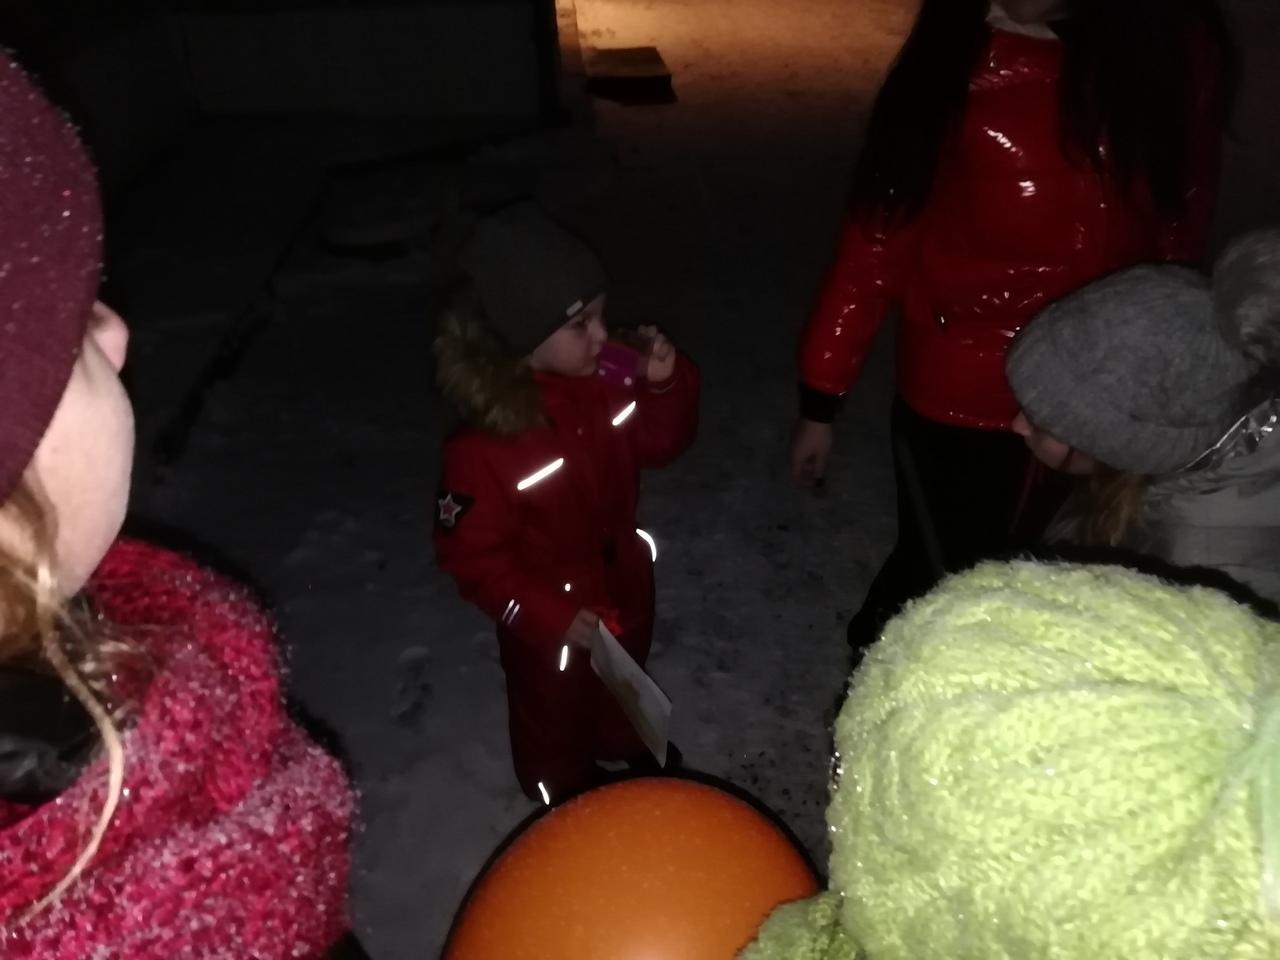 21 ноября ребята из детской творческой студии «Таурики» Центра культуры и кино «Родина» провели акцию «Мамочке любимой подарочек вручи!», посвященную Дню матери. Дети вручали малышам воздушные шарики со словами: «Сделай подарочек своей маме!». Более 20 малышей подарили подарки своим мамочкам в преддверии замечательного праздника.